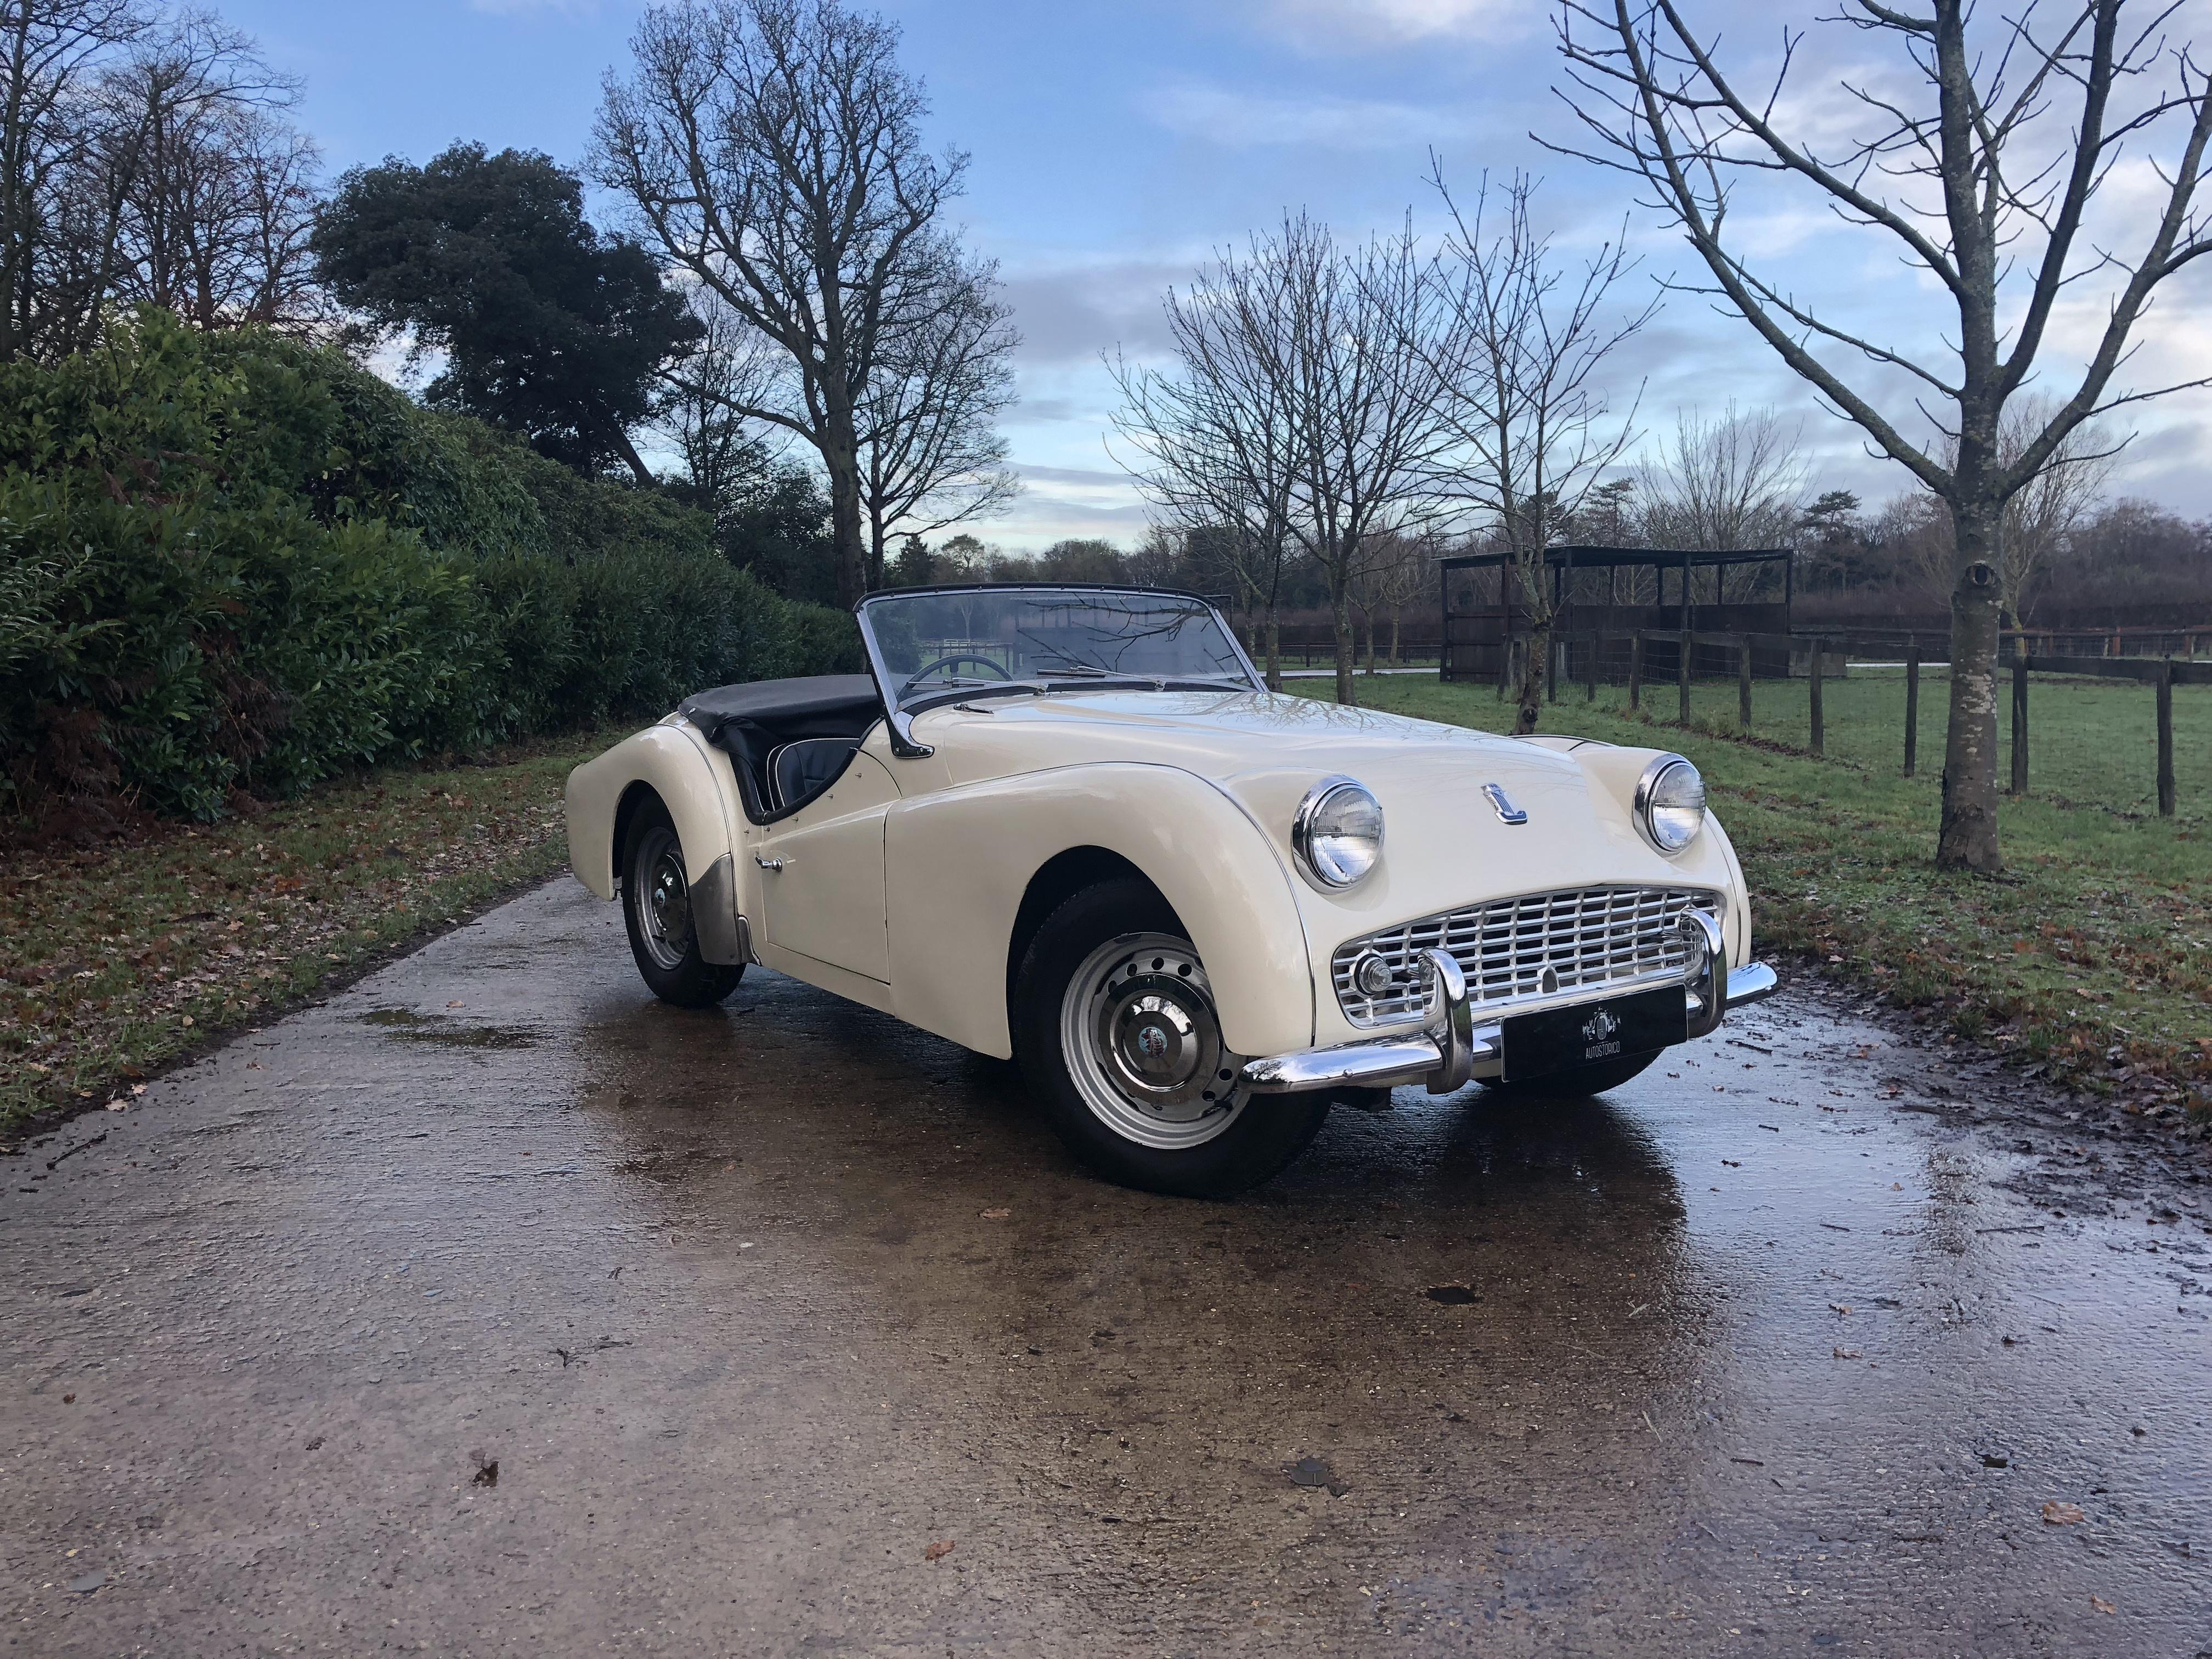 1959 Triumph Tr3 A Voiture De Collection à Vendre